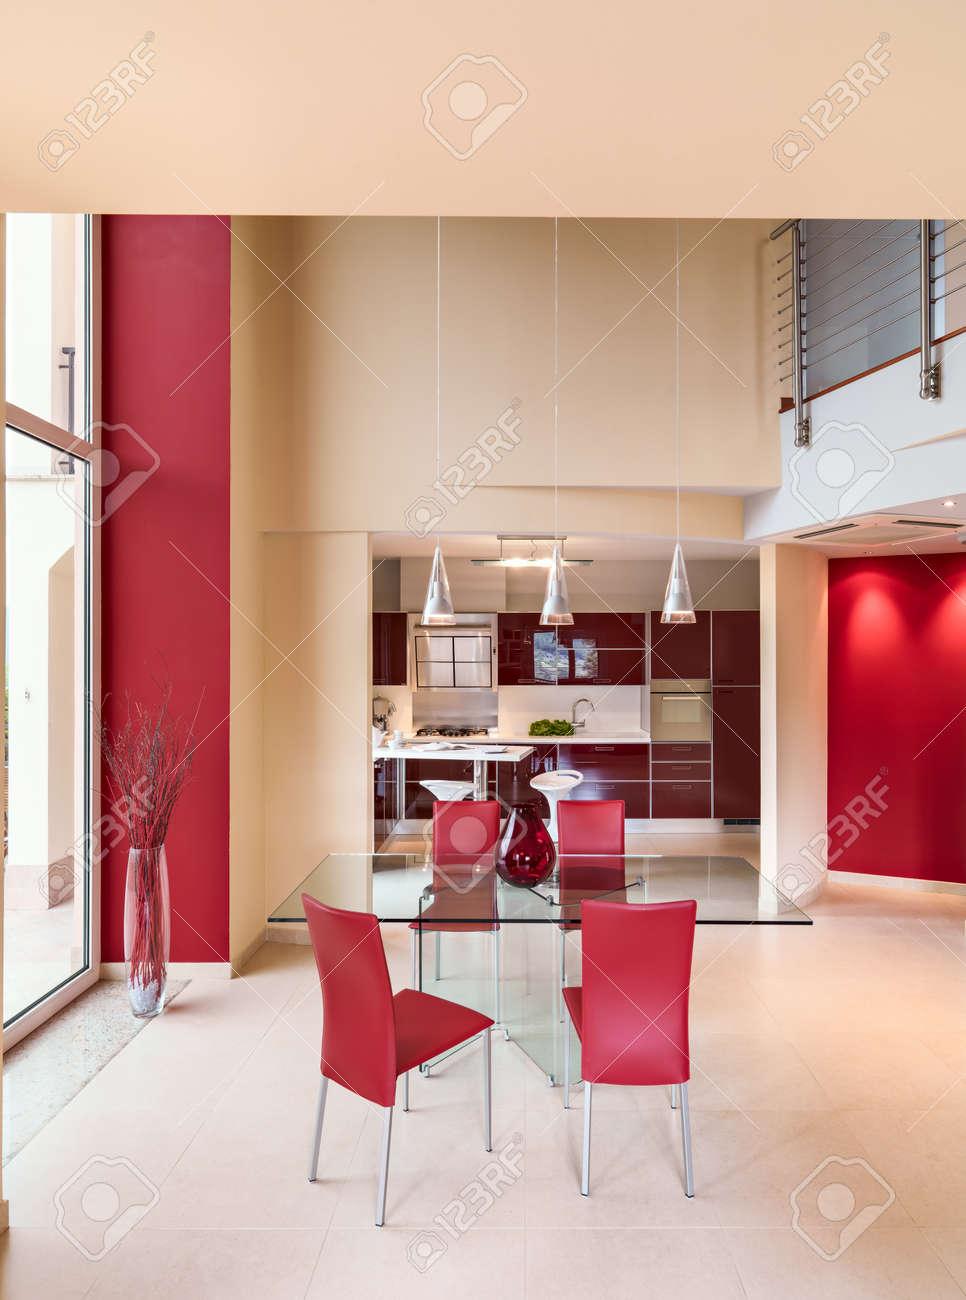 La Dont Donnant Sur Table Le Pourpre Cuir Chaises Rouge D'une Manger Verre Moderne Est Sol Avec Des Cuisine Marbre Plan À Premier En Tcul35K1FJ